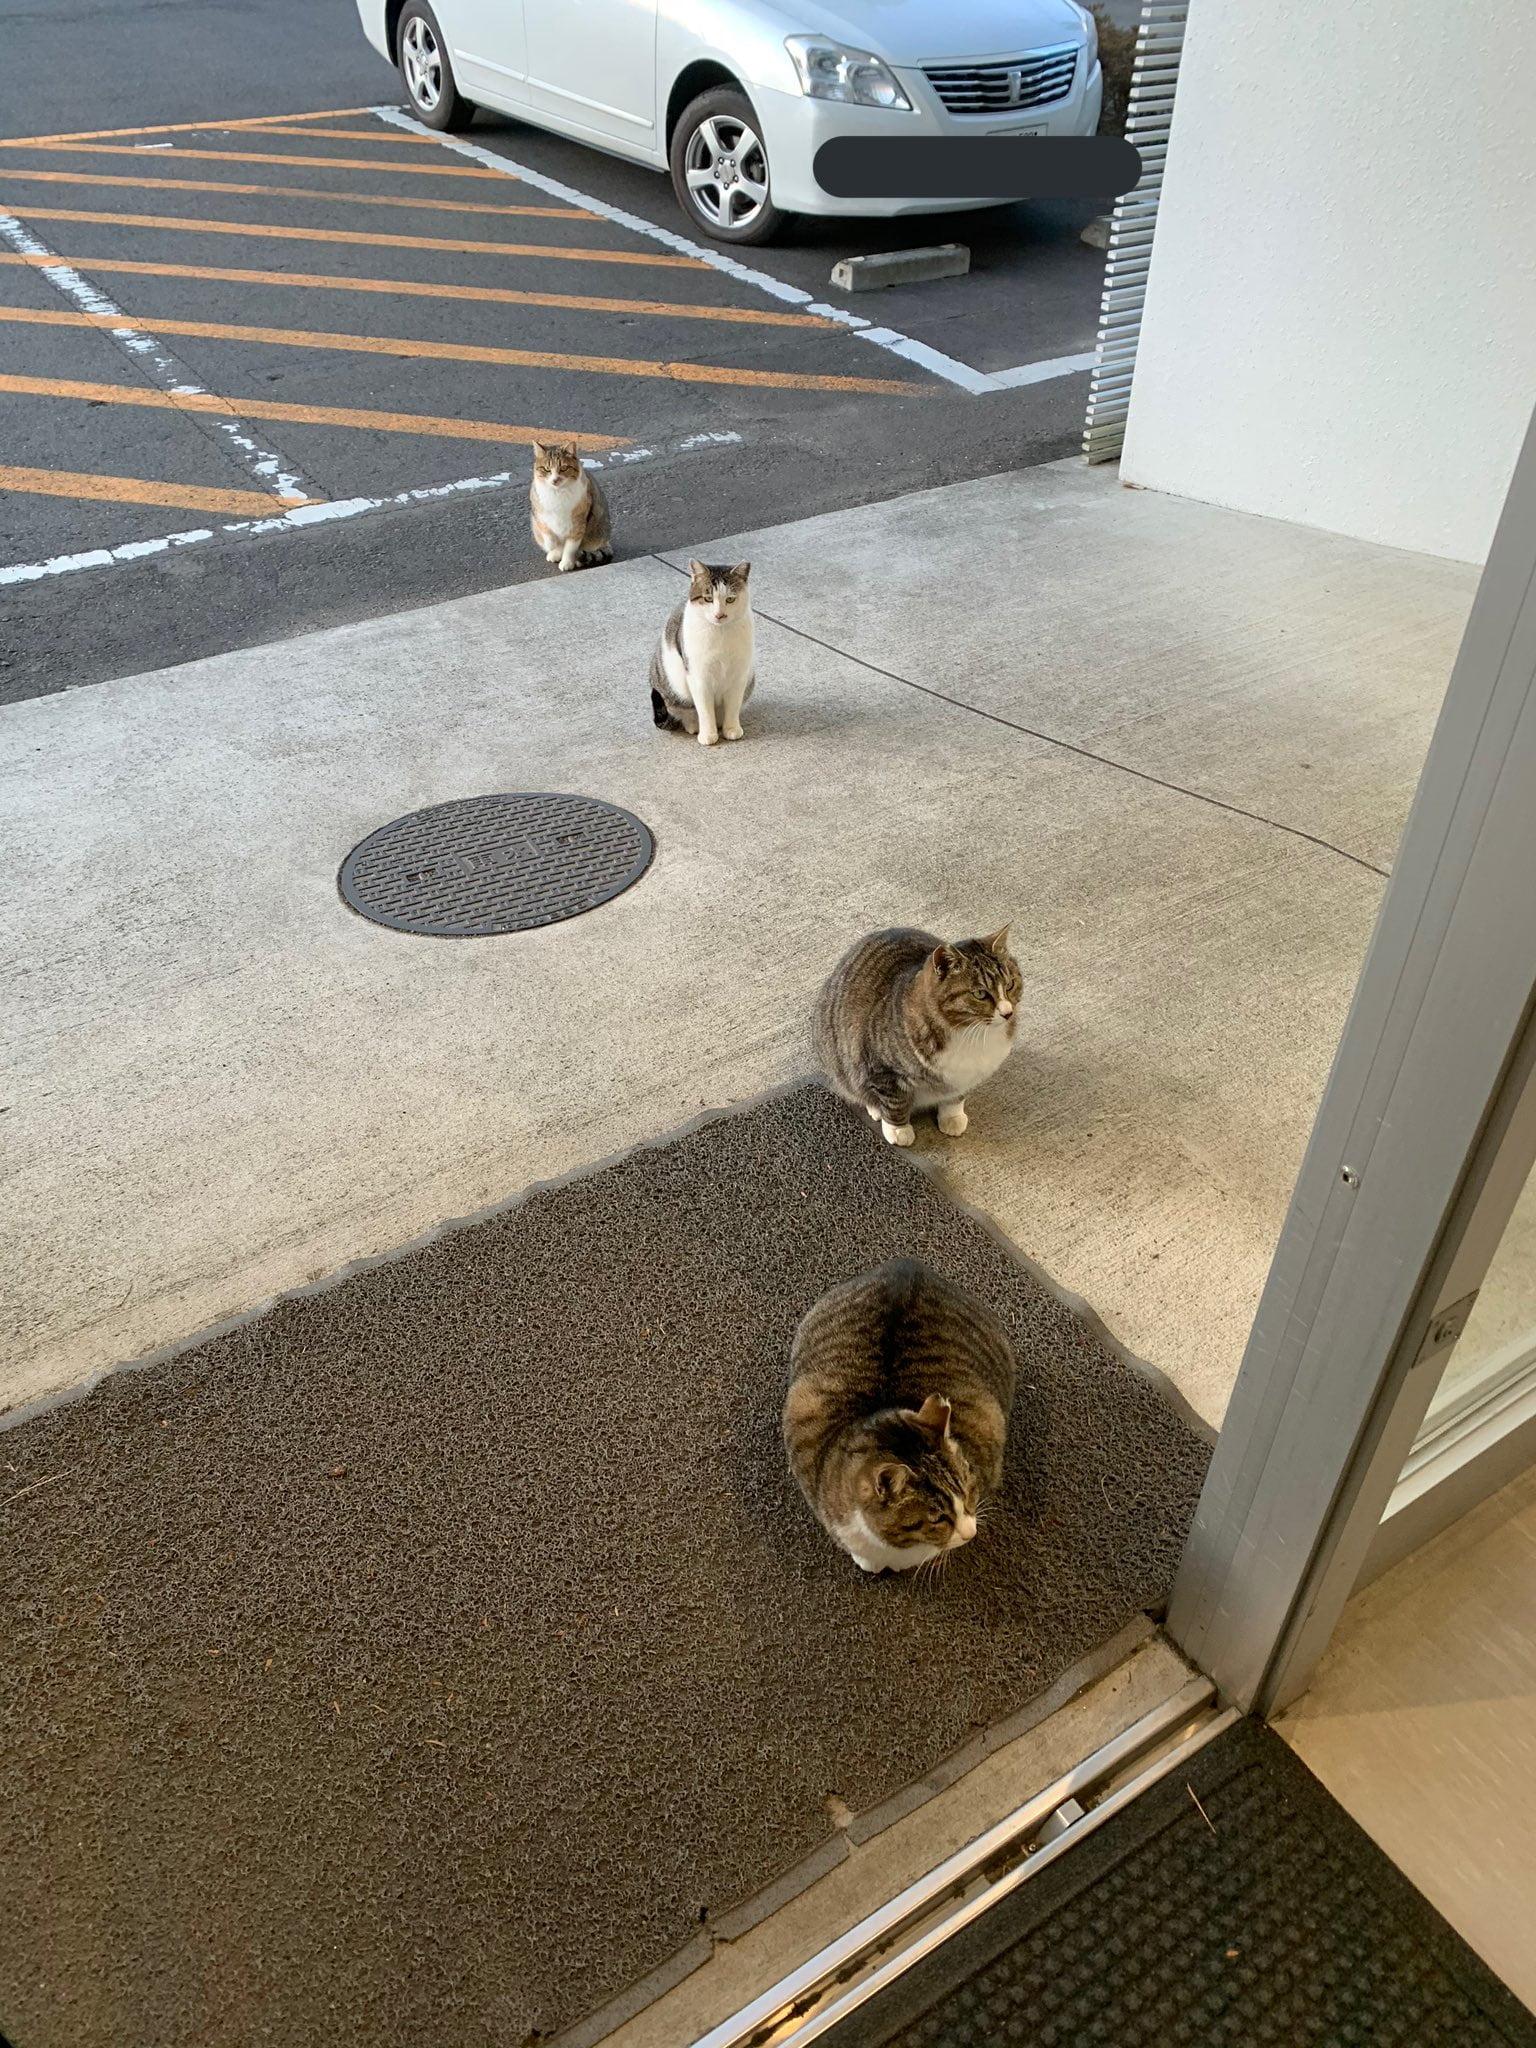 cats social distancing